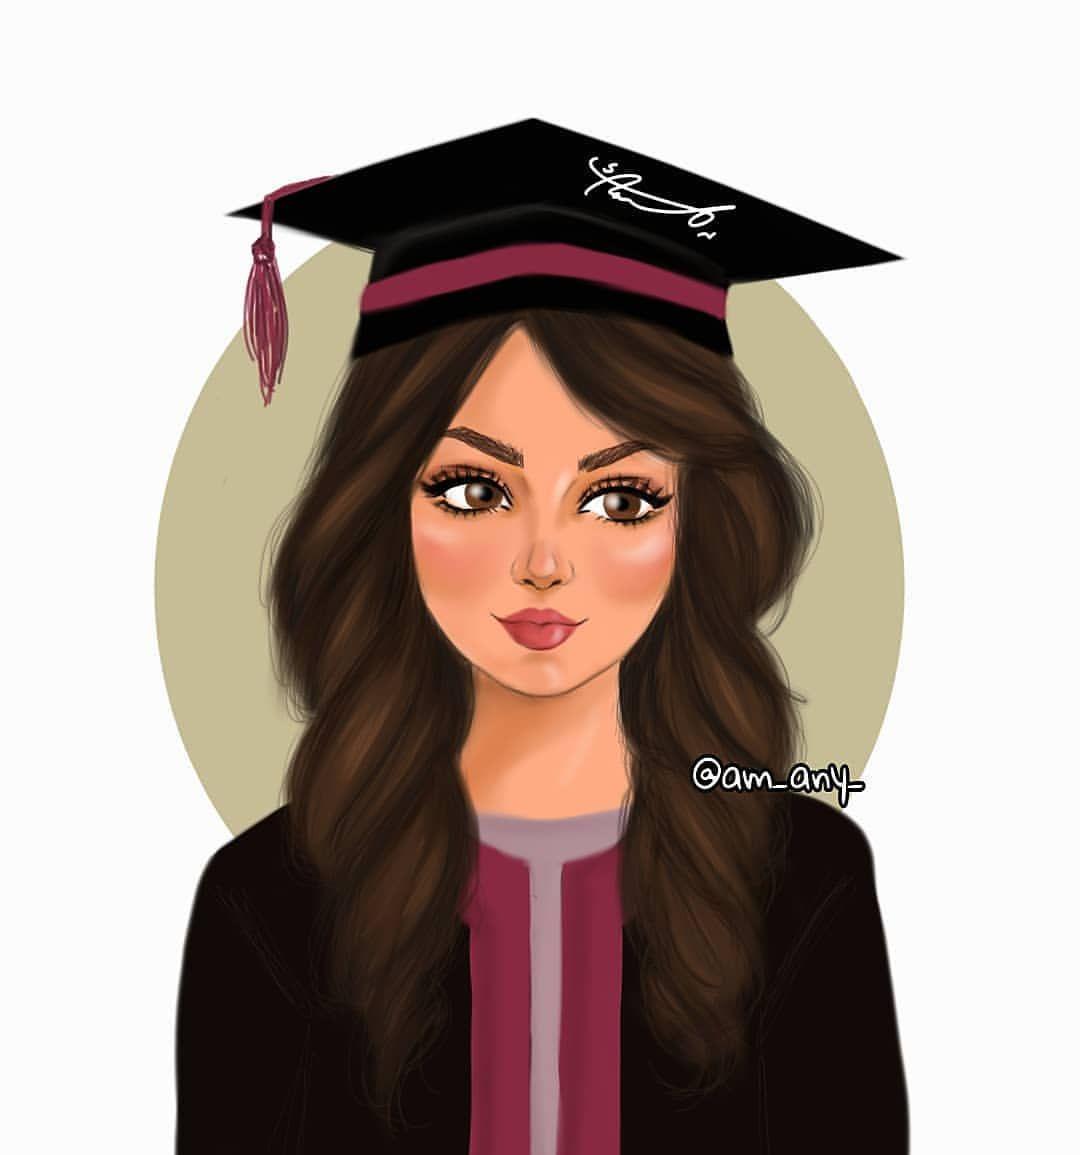 بأي مرحلة دراسية حاليا انتو Fashionyista Fashionyista صور كارتونية للحلوات منشن لصديقاتك تشوف Graduation Cartoon Girls Cartoon Art Graduation Art